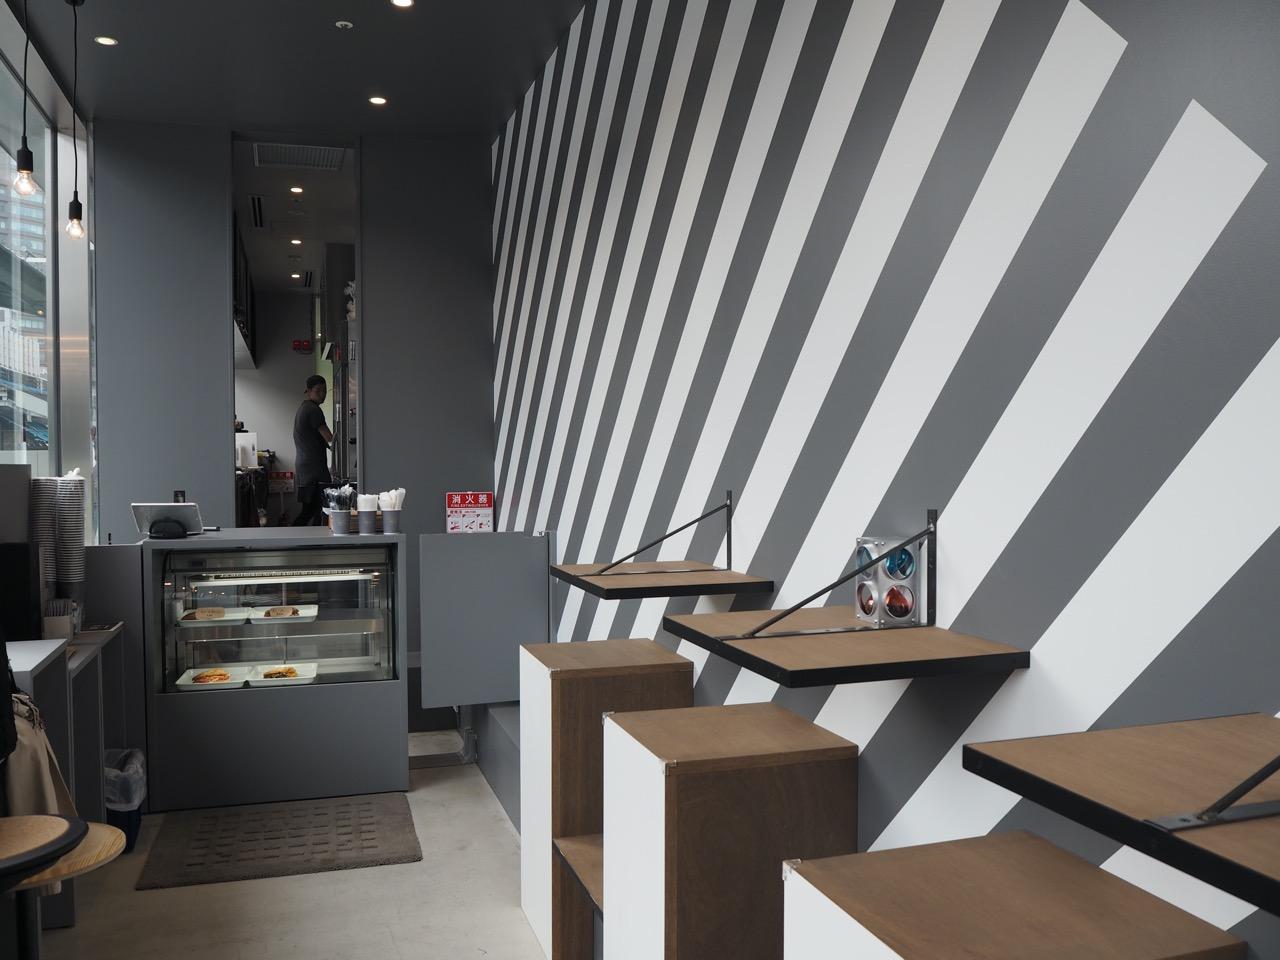 前代未聞! 時間帯によって変化するカフェ「なんとかプレッソ2」オープン